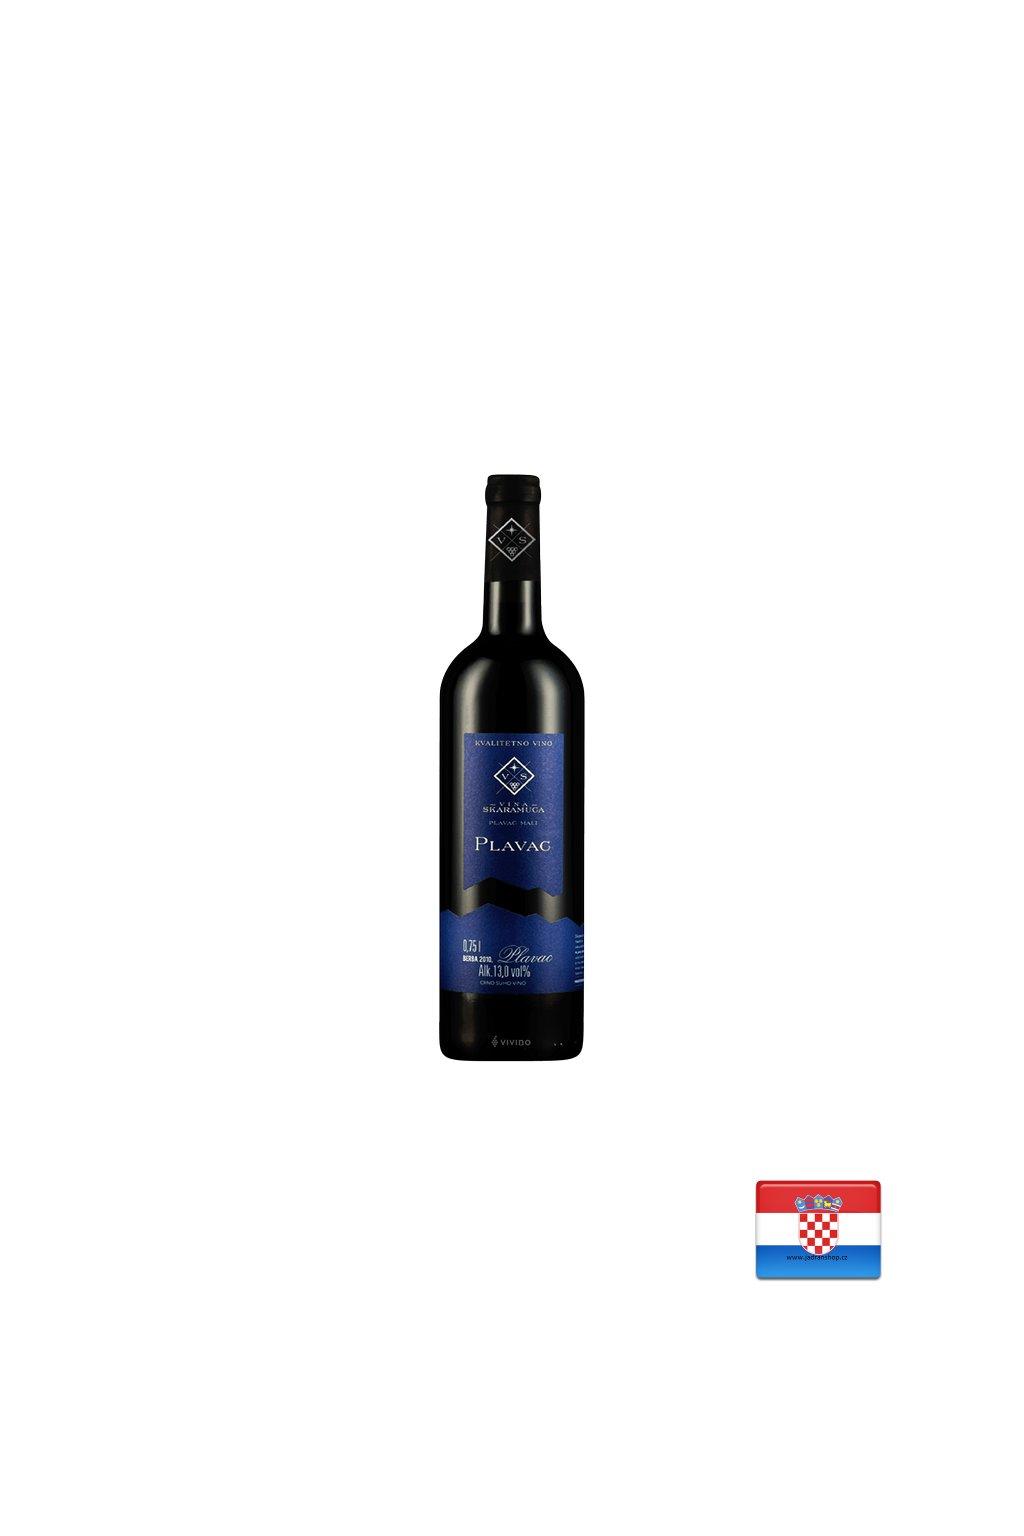 Plavac czerwone wytrawne wino 0,75l (r.2019)  Plavac Skaramuča wino